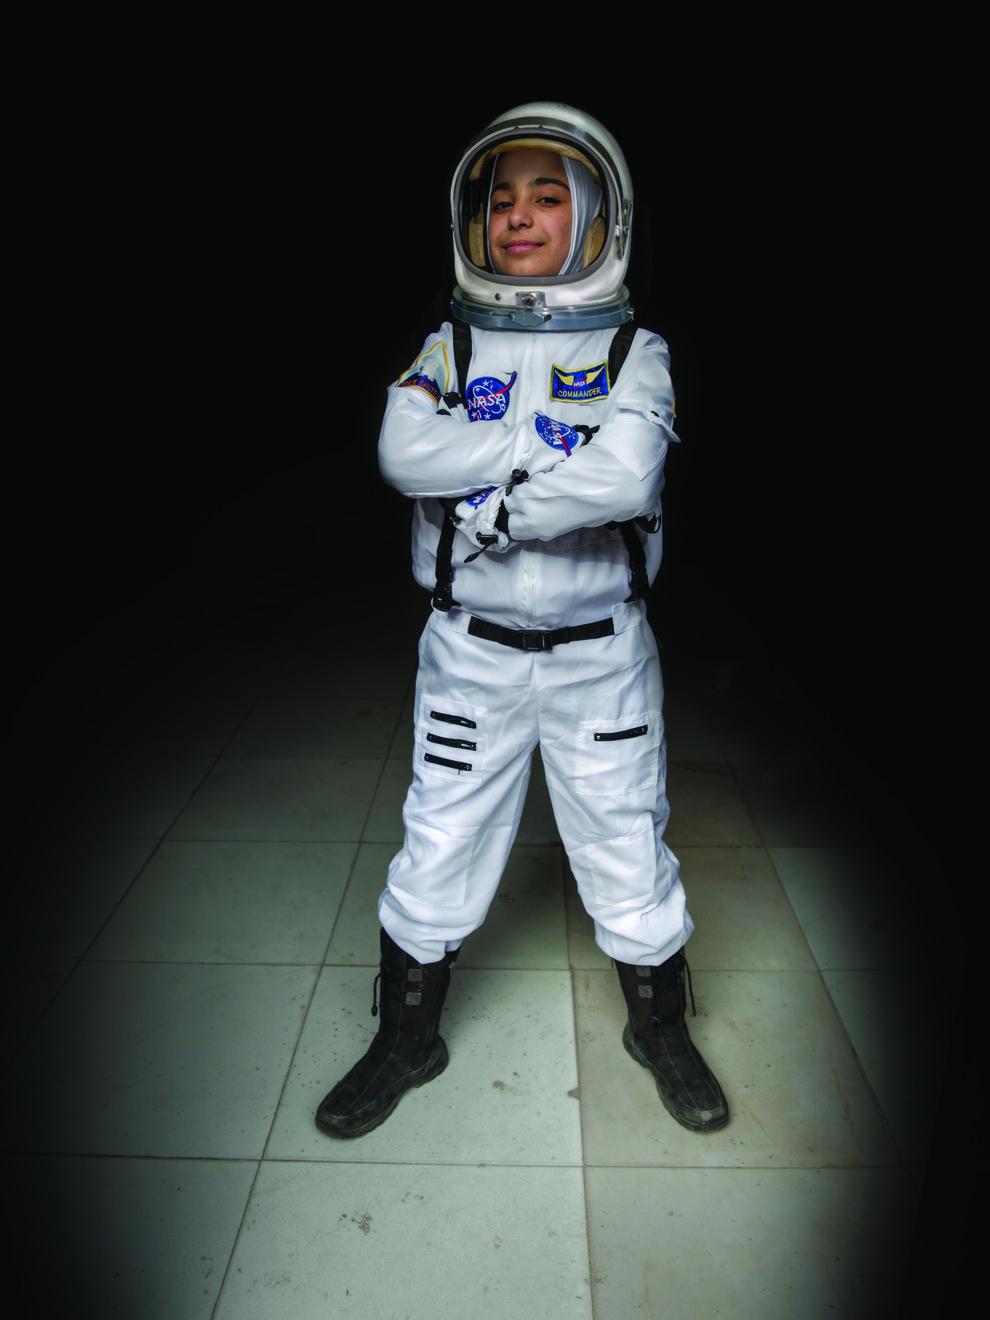 Haja, 12, future astronaut